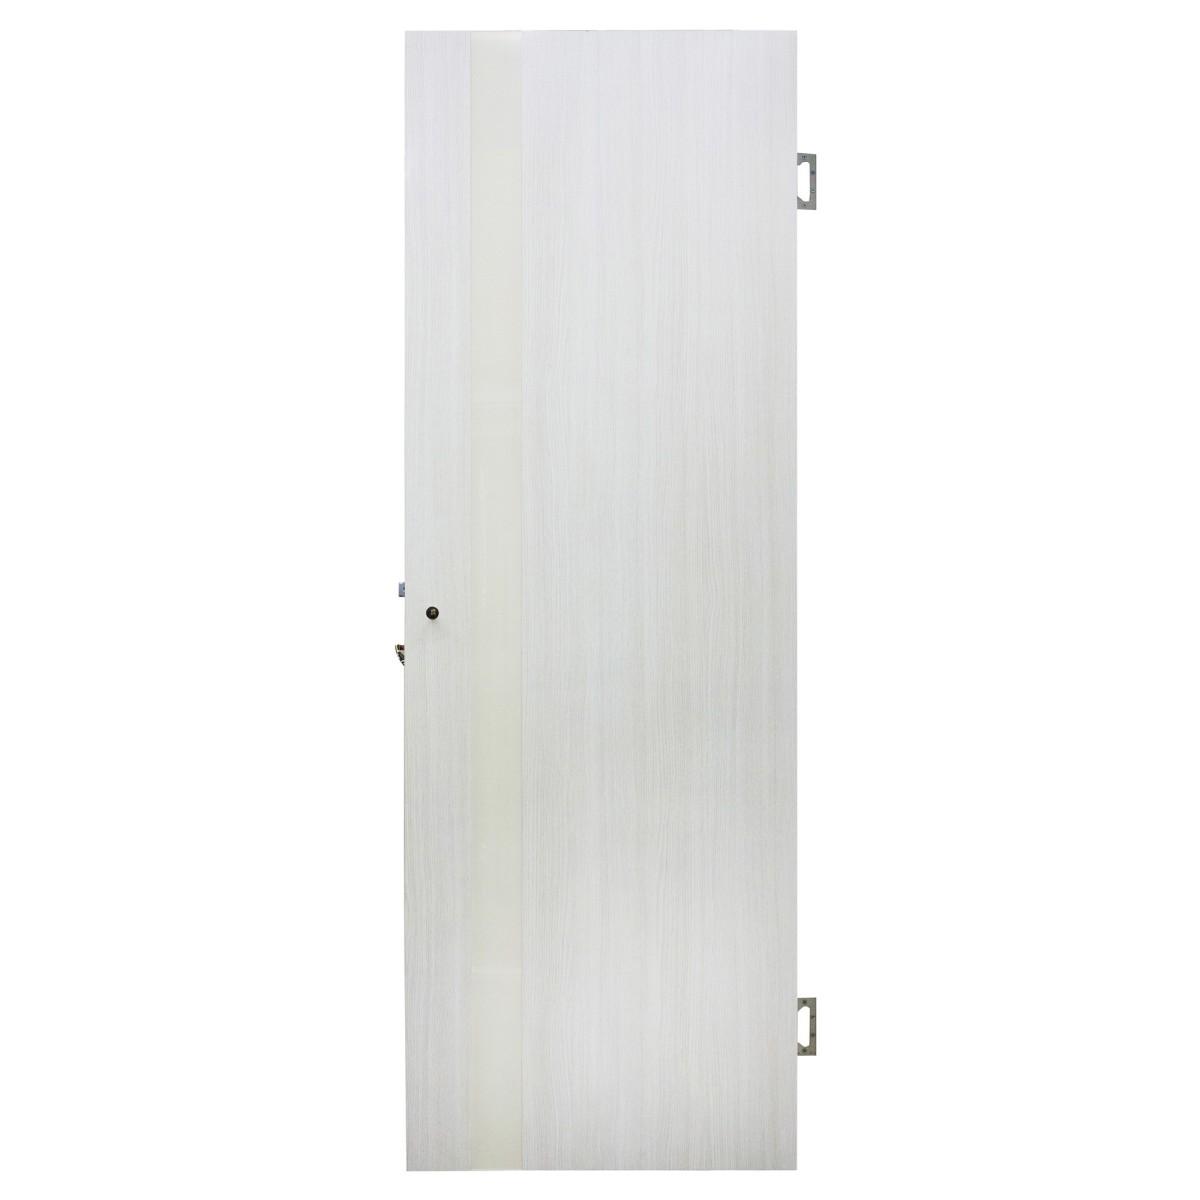 Дверь Межкомнатная Остеклённая Марсель Пвх 60x200 Белёный Дуб